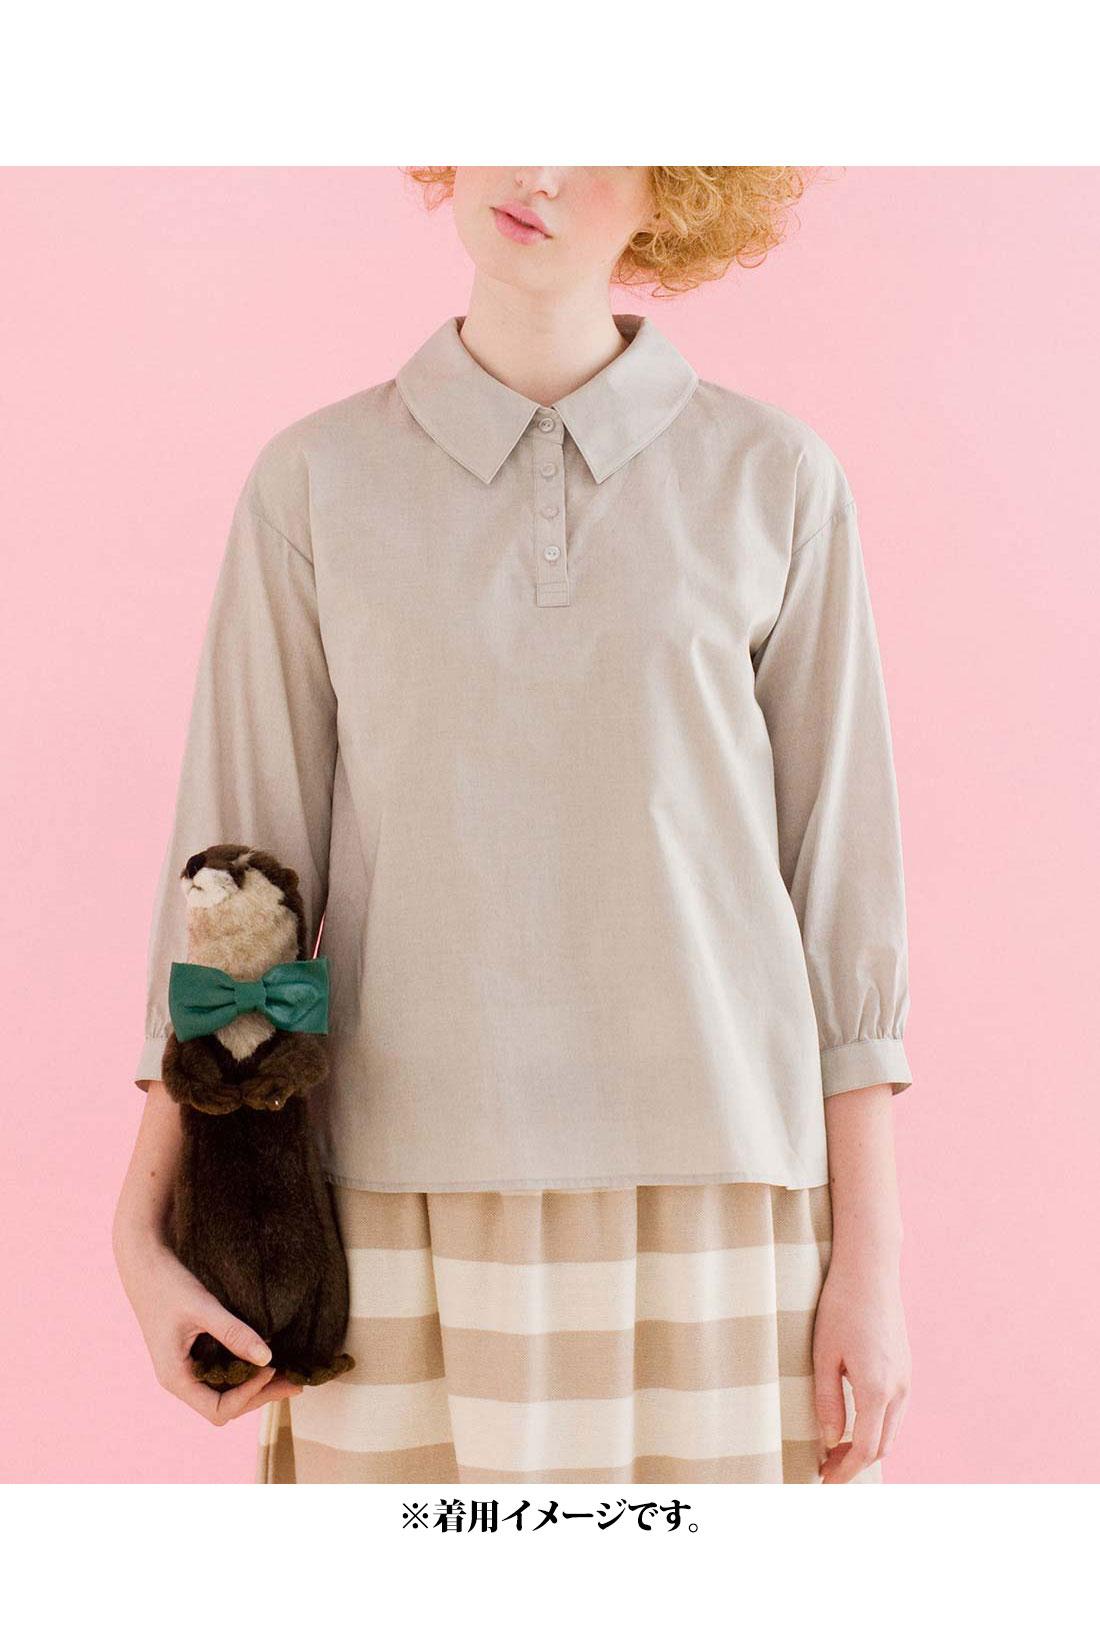 これは参考画像です。大きめの衿がとてもかわいいデザインです。